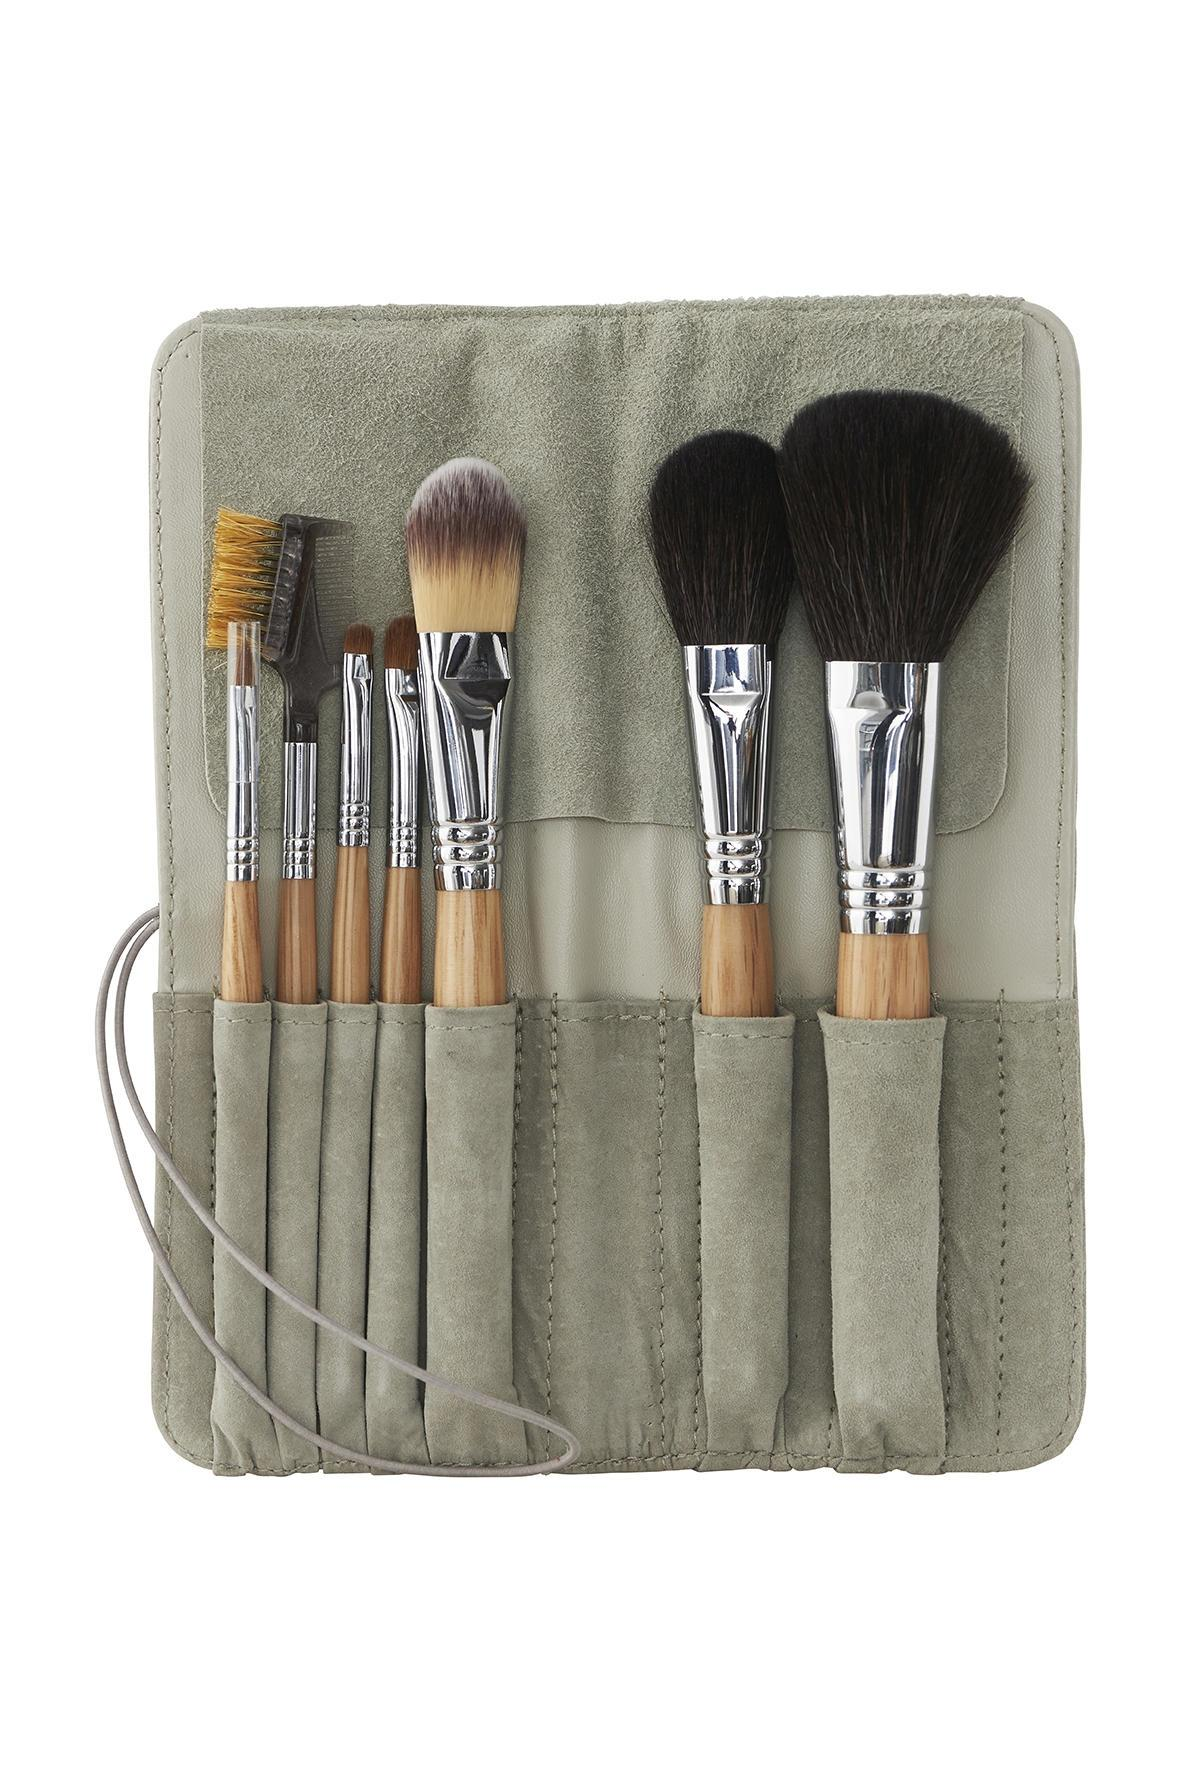 meraki Sada kosmetických štětců Meraki - 7 ks, šedá barva, hnědá barva, dřevo, textil